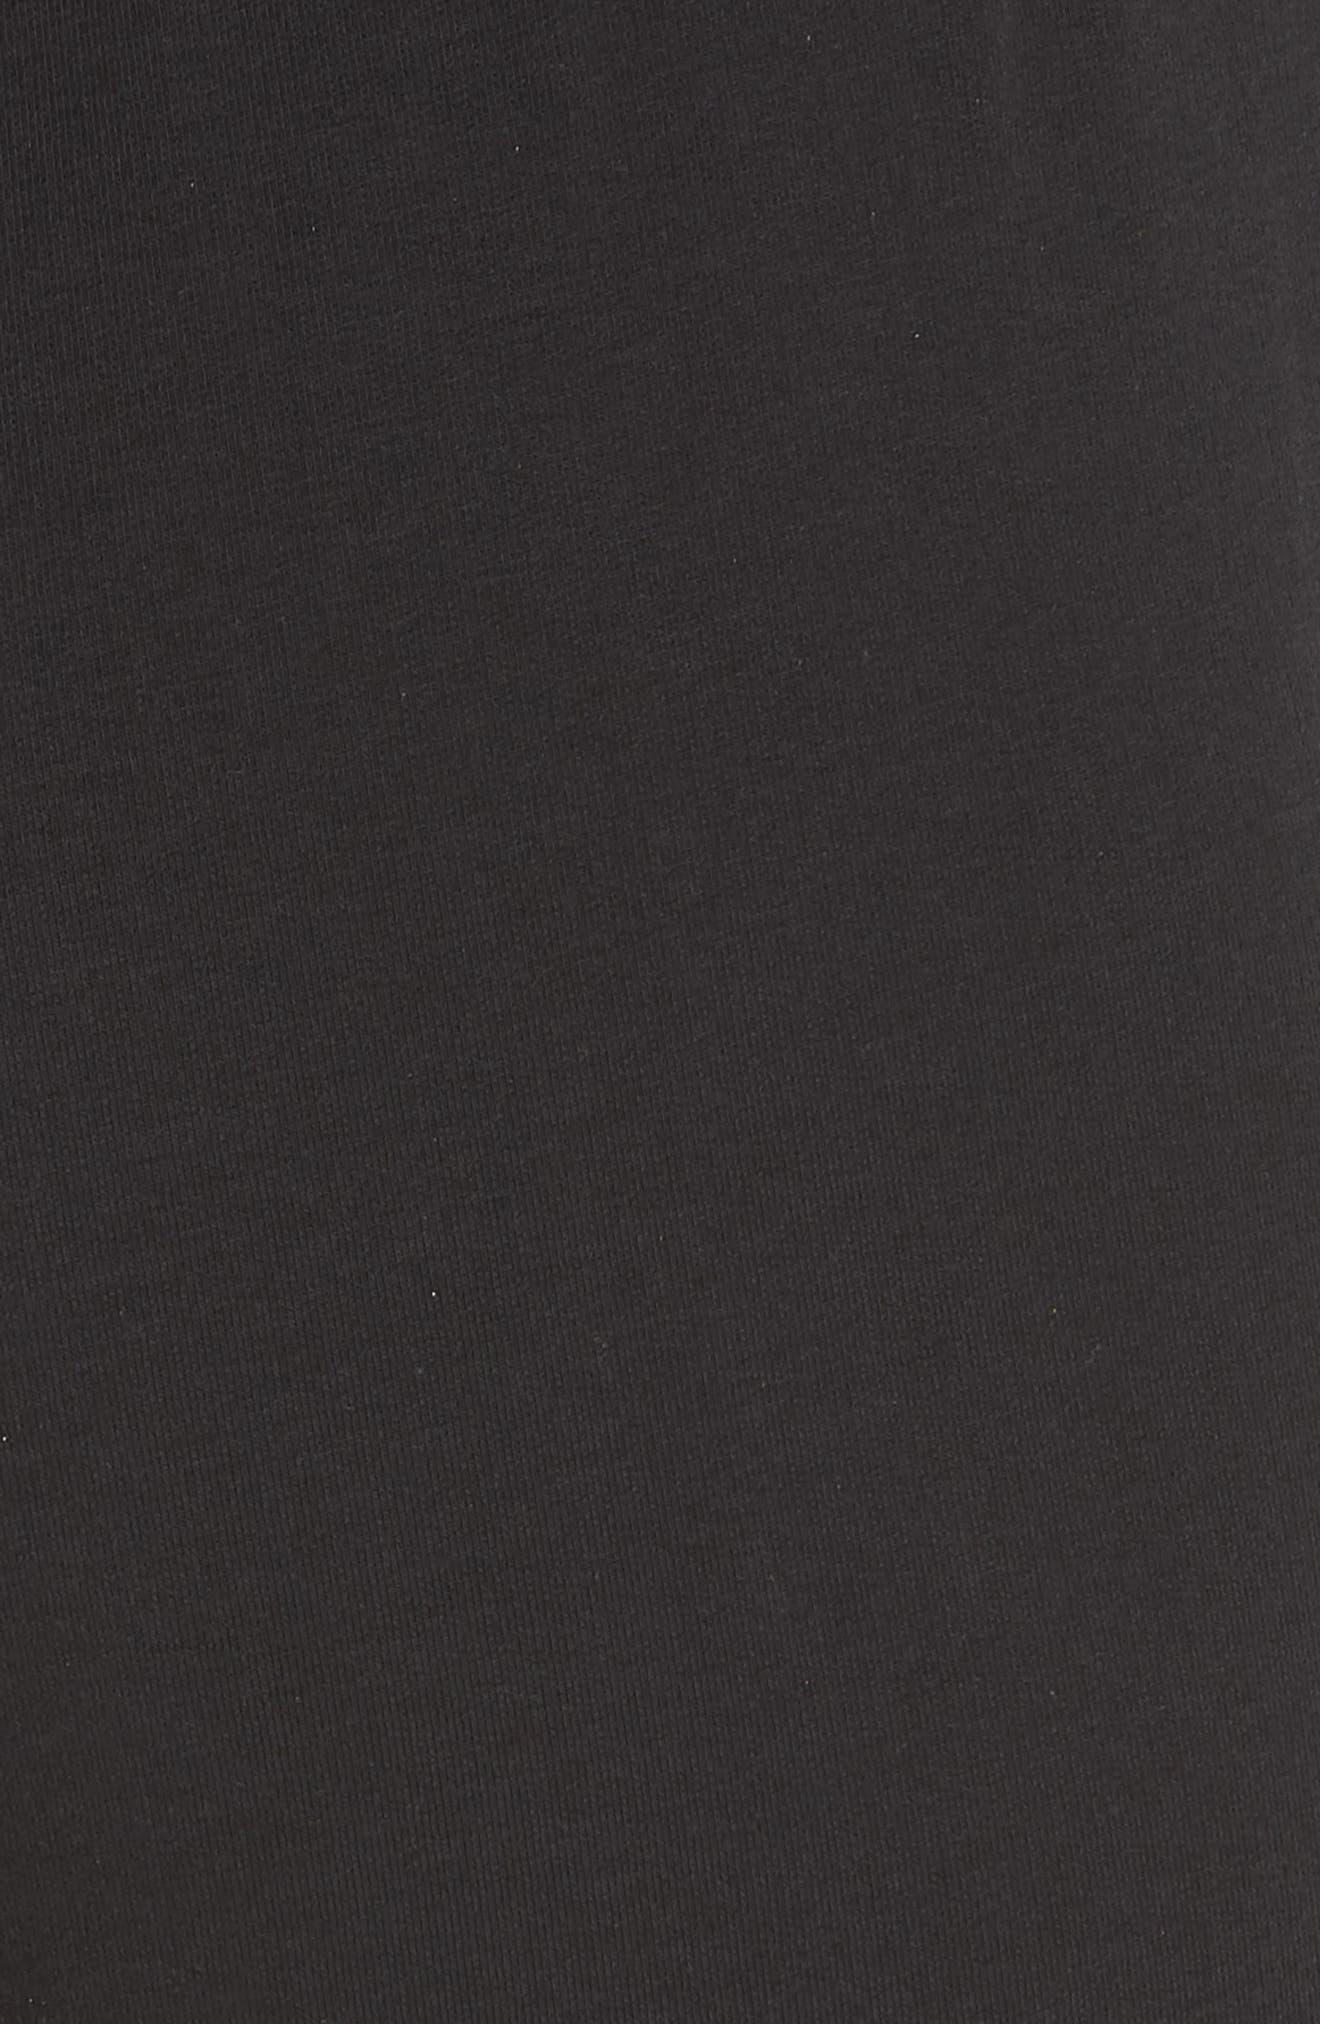 L'AGENCE, Elsie Charmeuse Zip Hem Joggers, Alternate thumbnail 5, color, BLACK/ BLACK COMBO